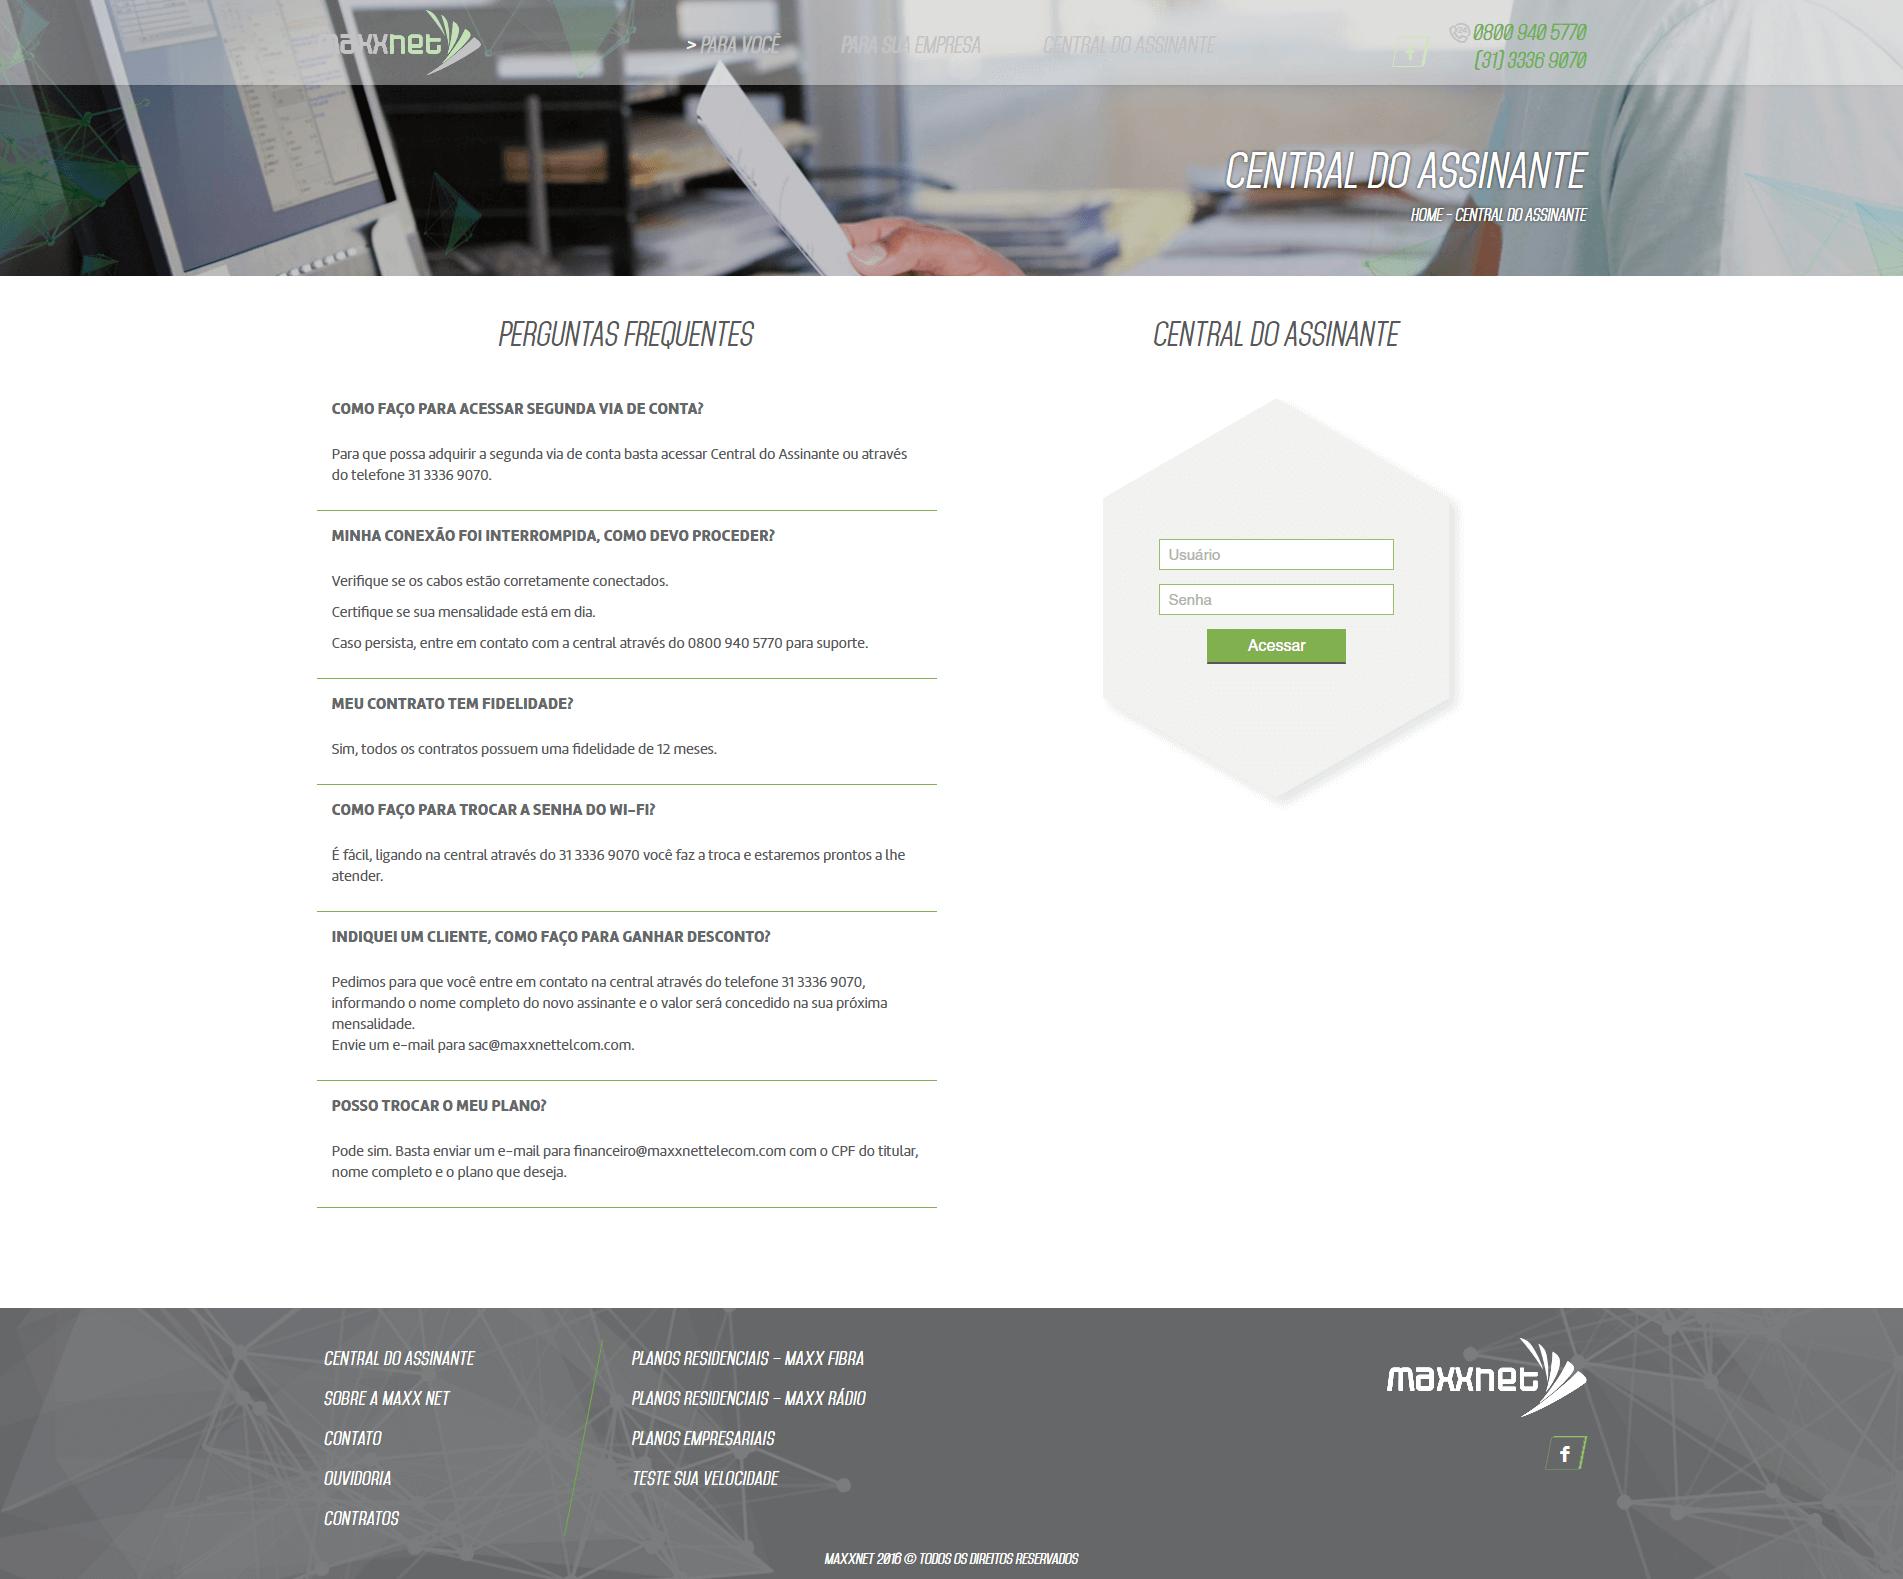 Página Central do Assinante Maxx Net